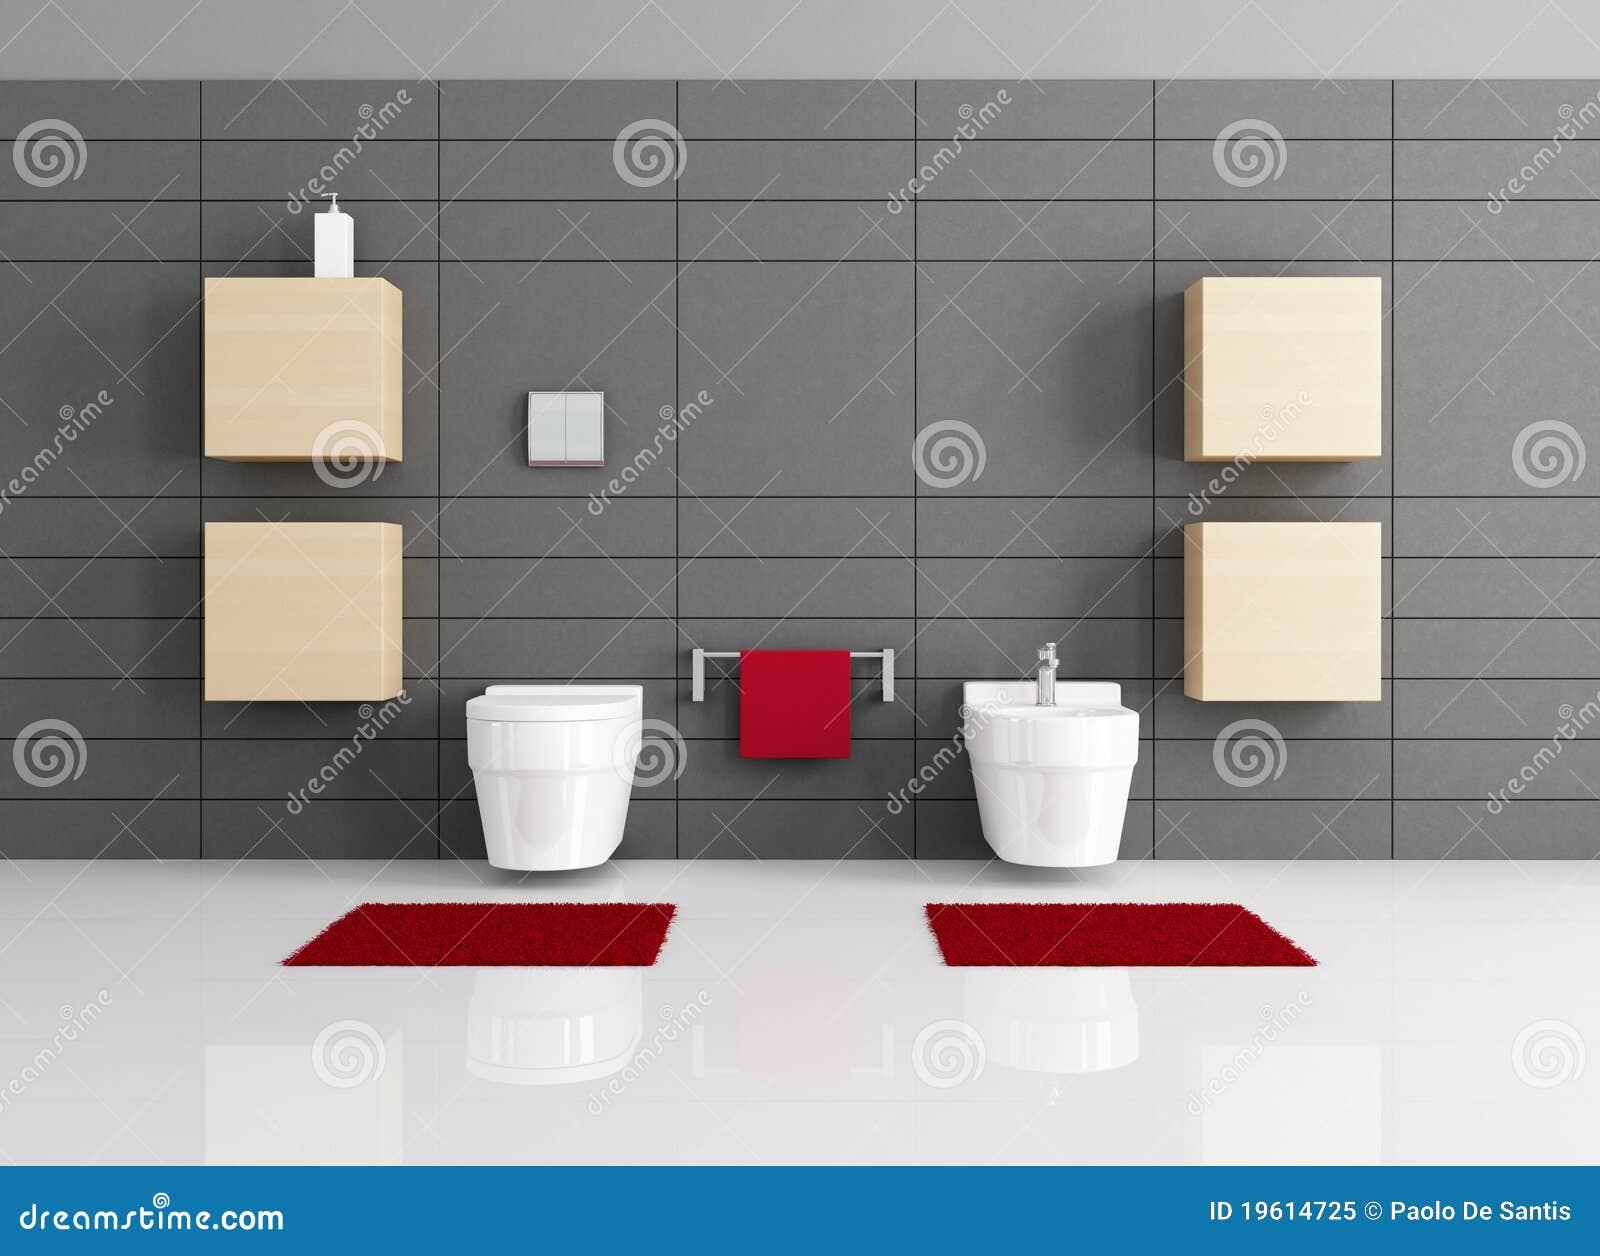 Badkamer Idee Natuur : Minimalistische badkamers stock illustratie illustratie bestaande